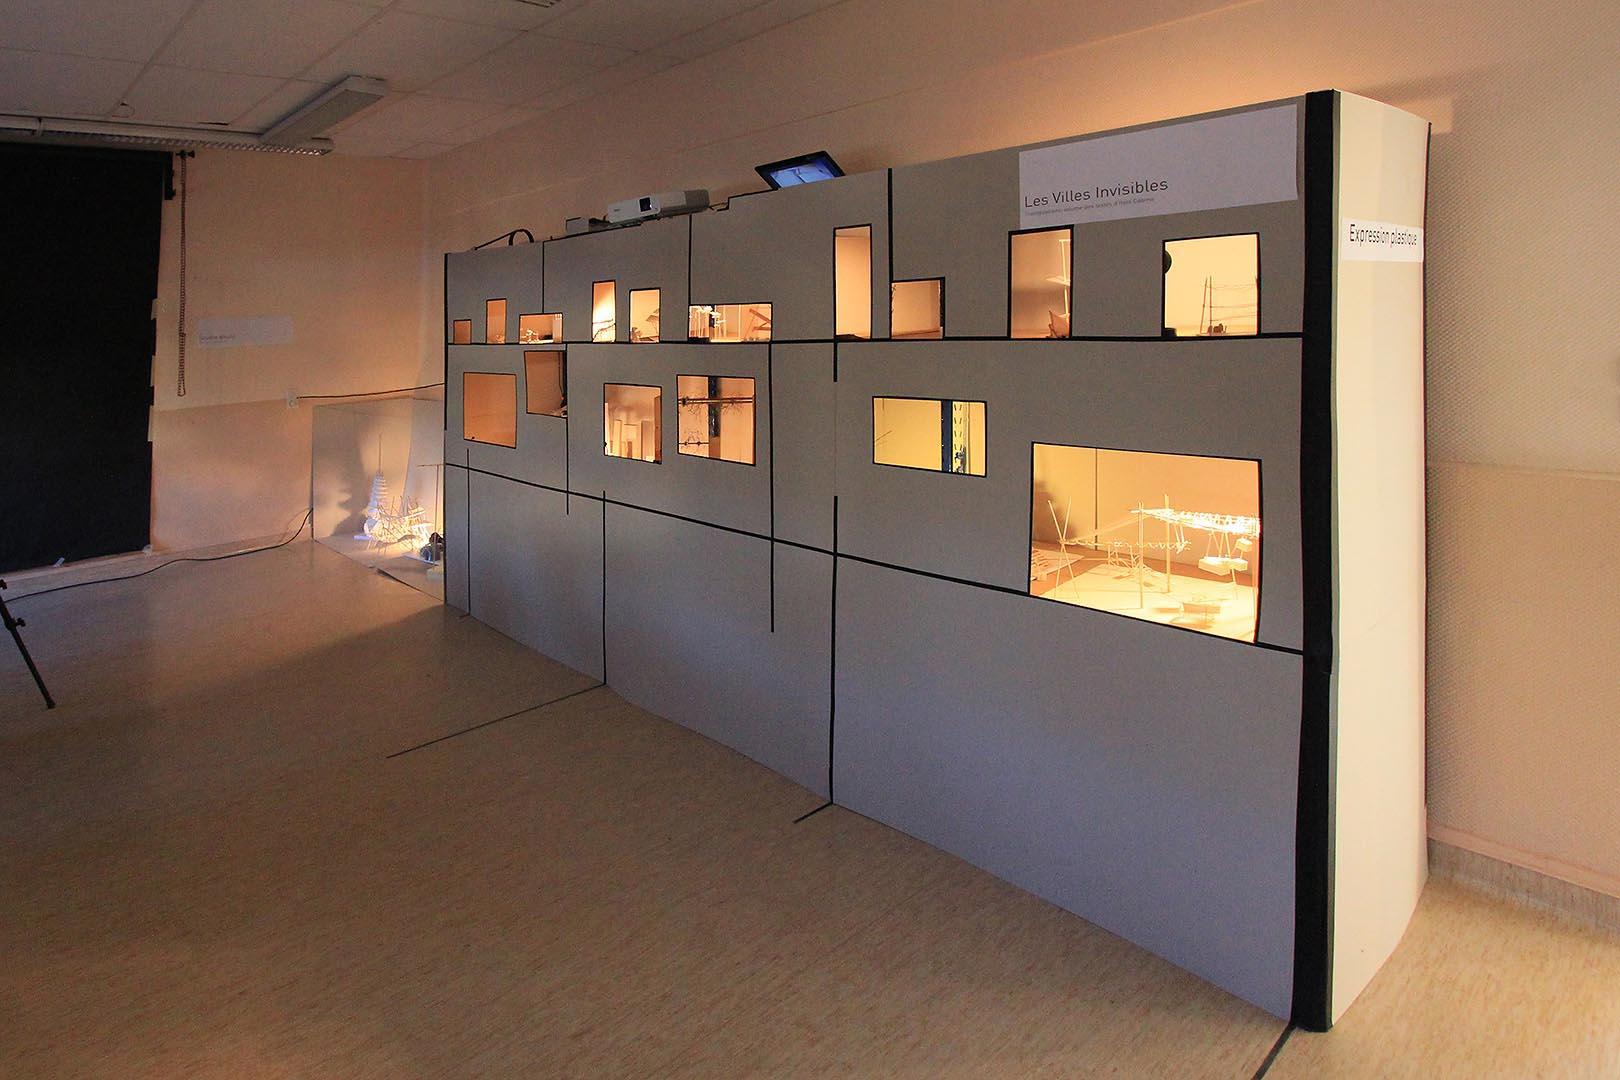 design espace. Black Bedroom Furniture Sets. Home Design Ideas